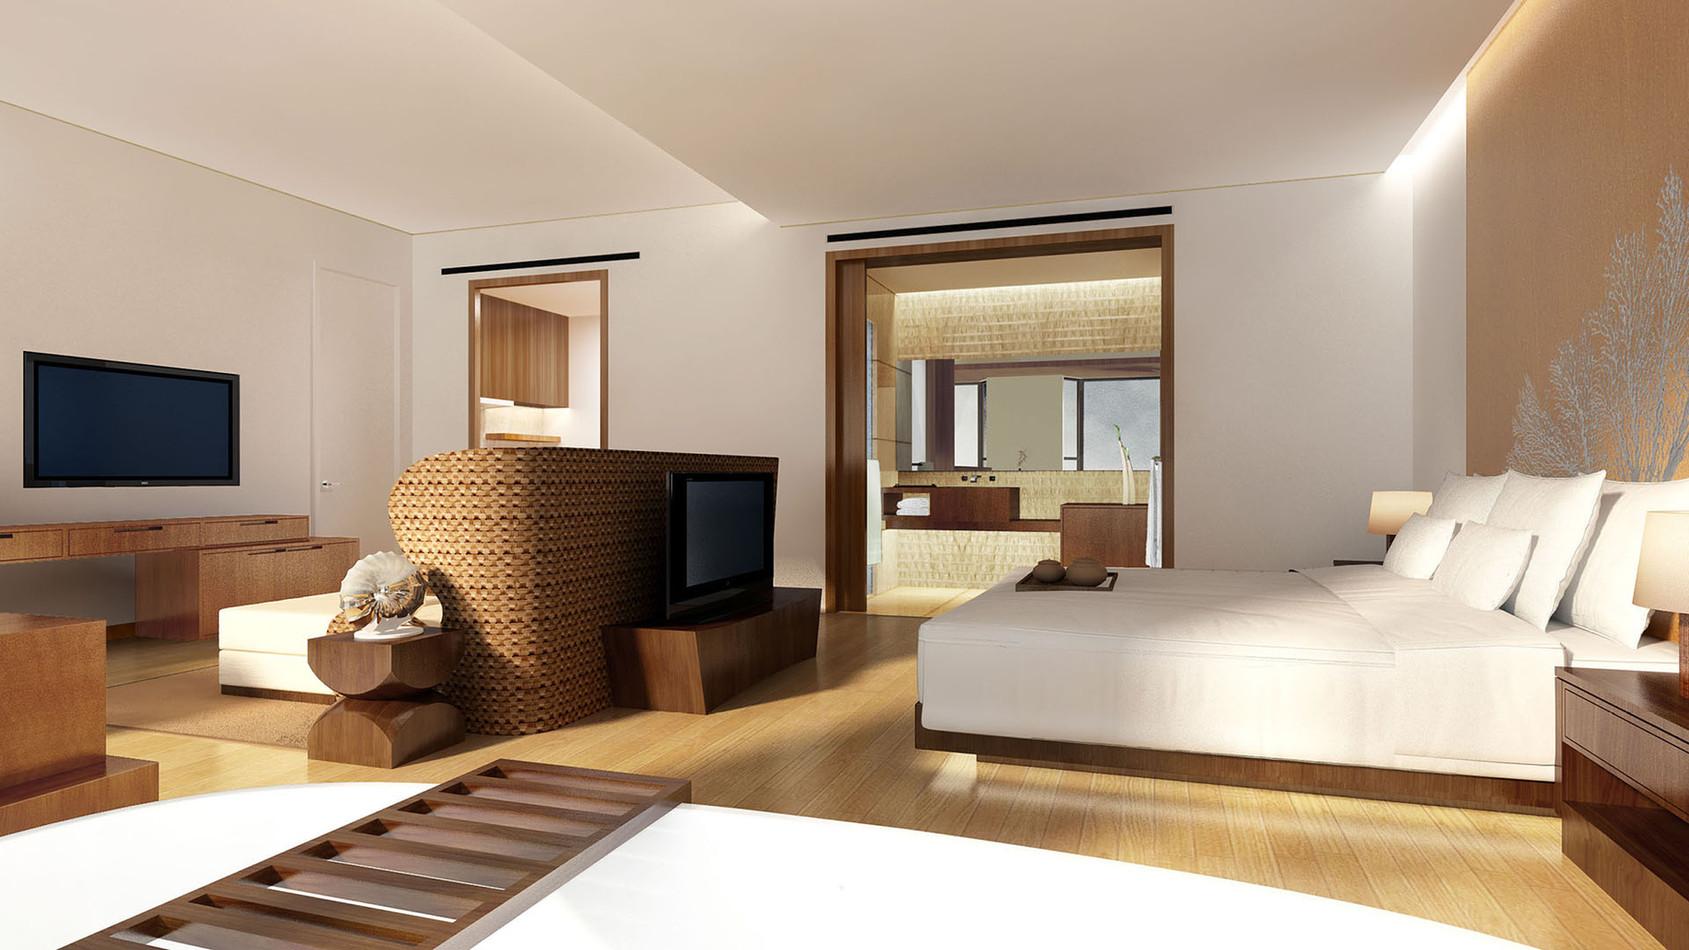 HAINAN-CROWN-PLAZA-SPA-HOTEL-ZH 08.jpg